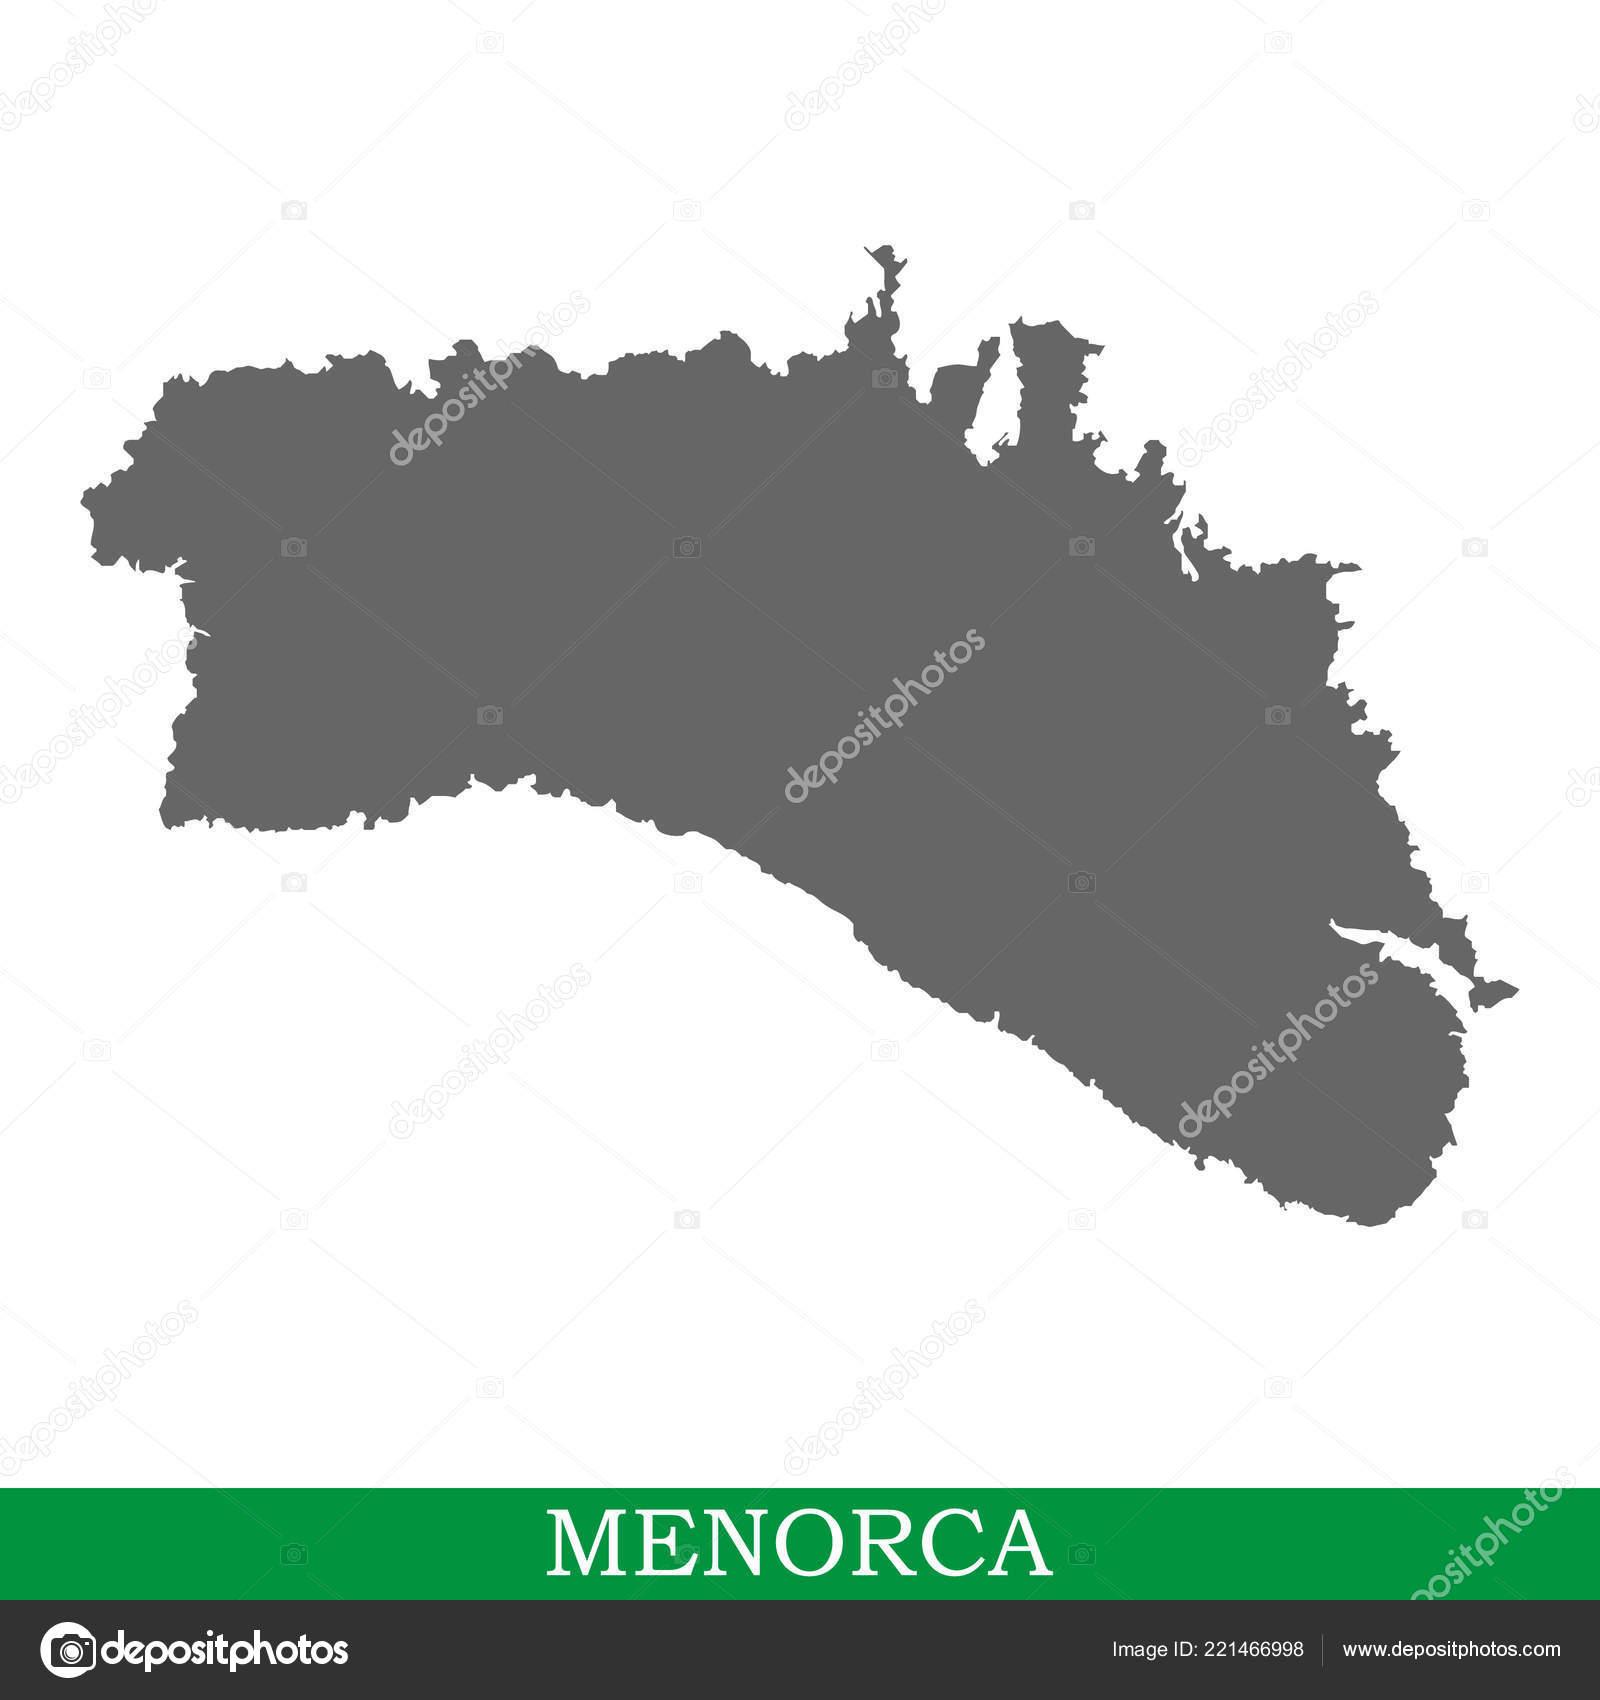 Insel Menorca Karte.Hochwertige Karte Von Menorca Ist Die Insel Von Spanien